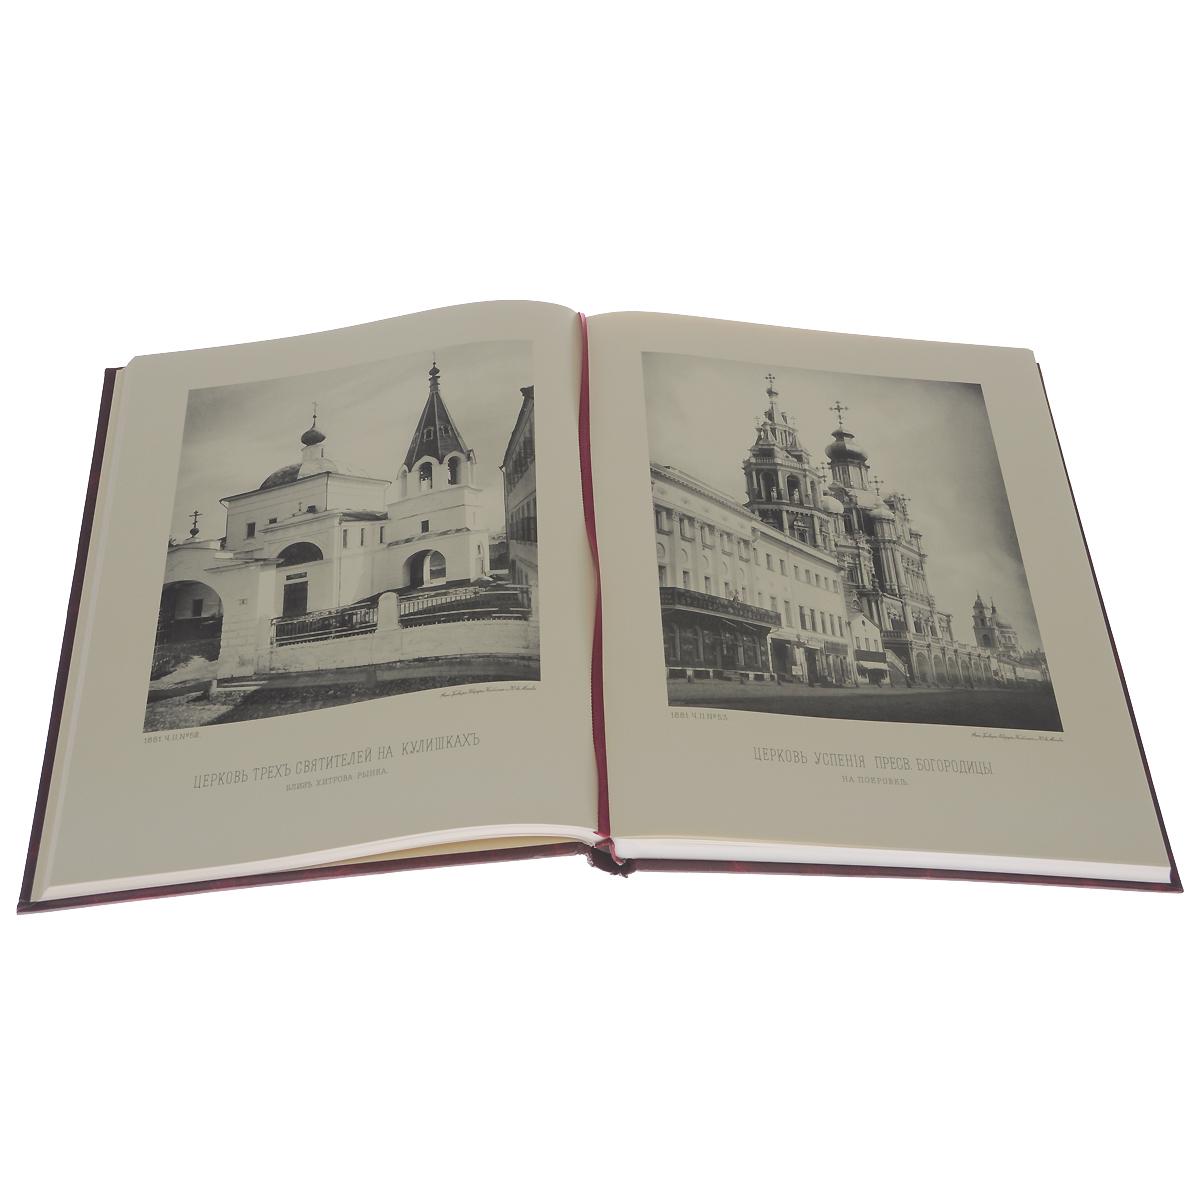 Москва. Соборы, монастыри и церкви. Фотоальбом